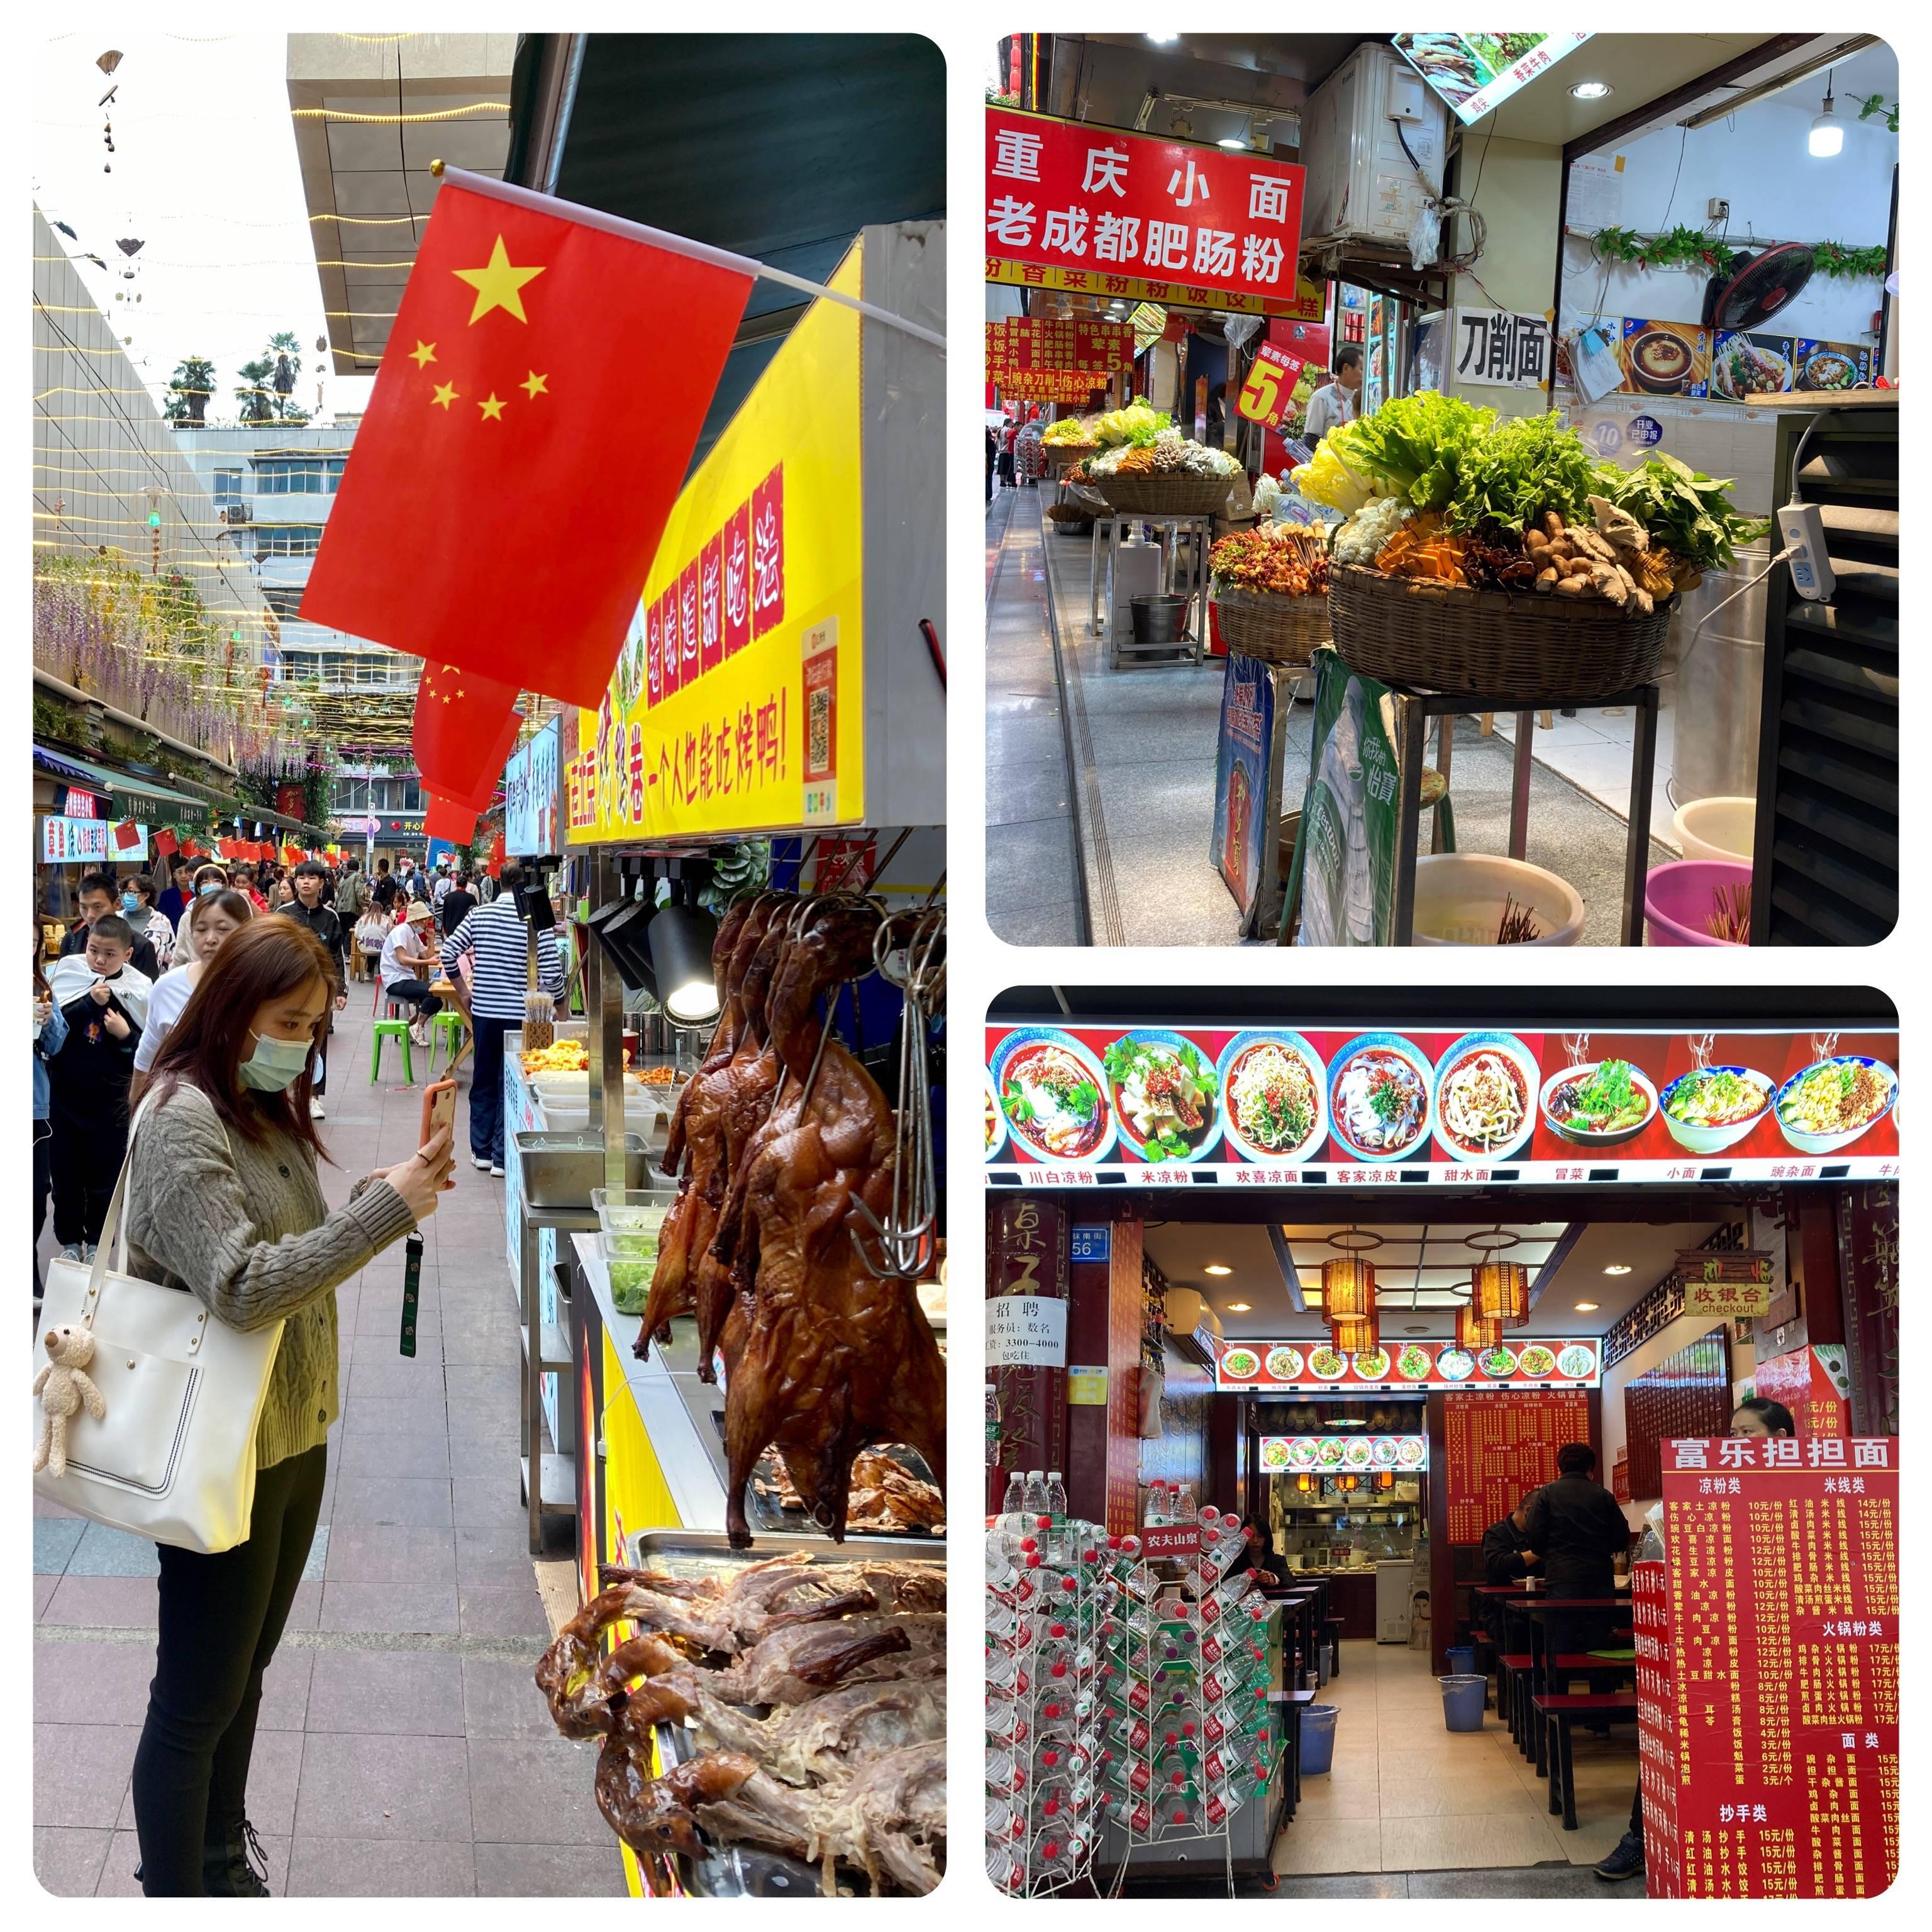 Feirinhas gastronômicas, calçadões, lojinhas, um festival de comida na rua.